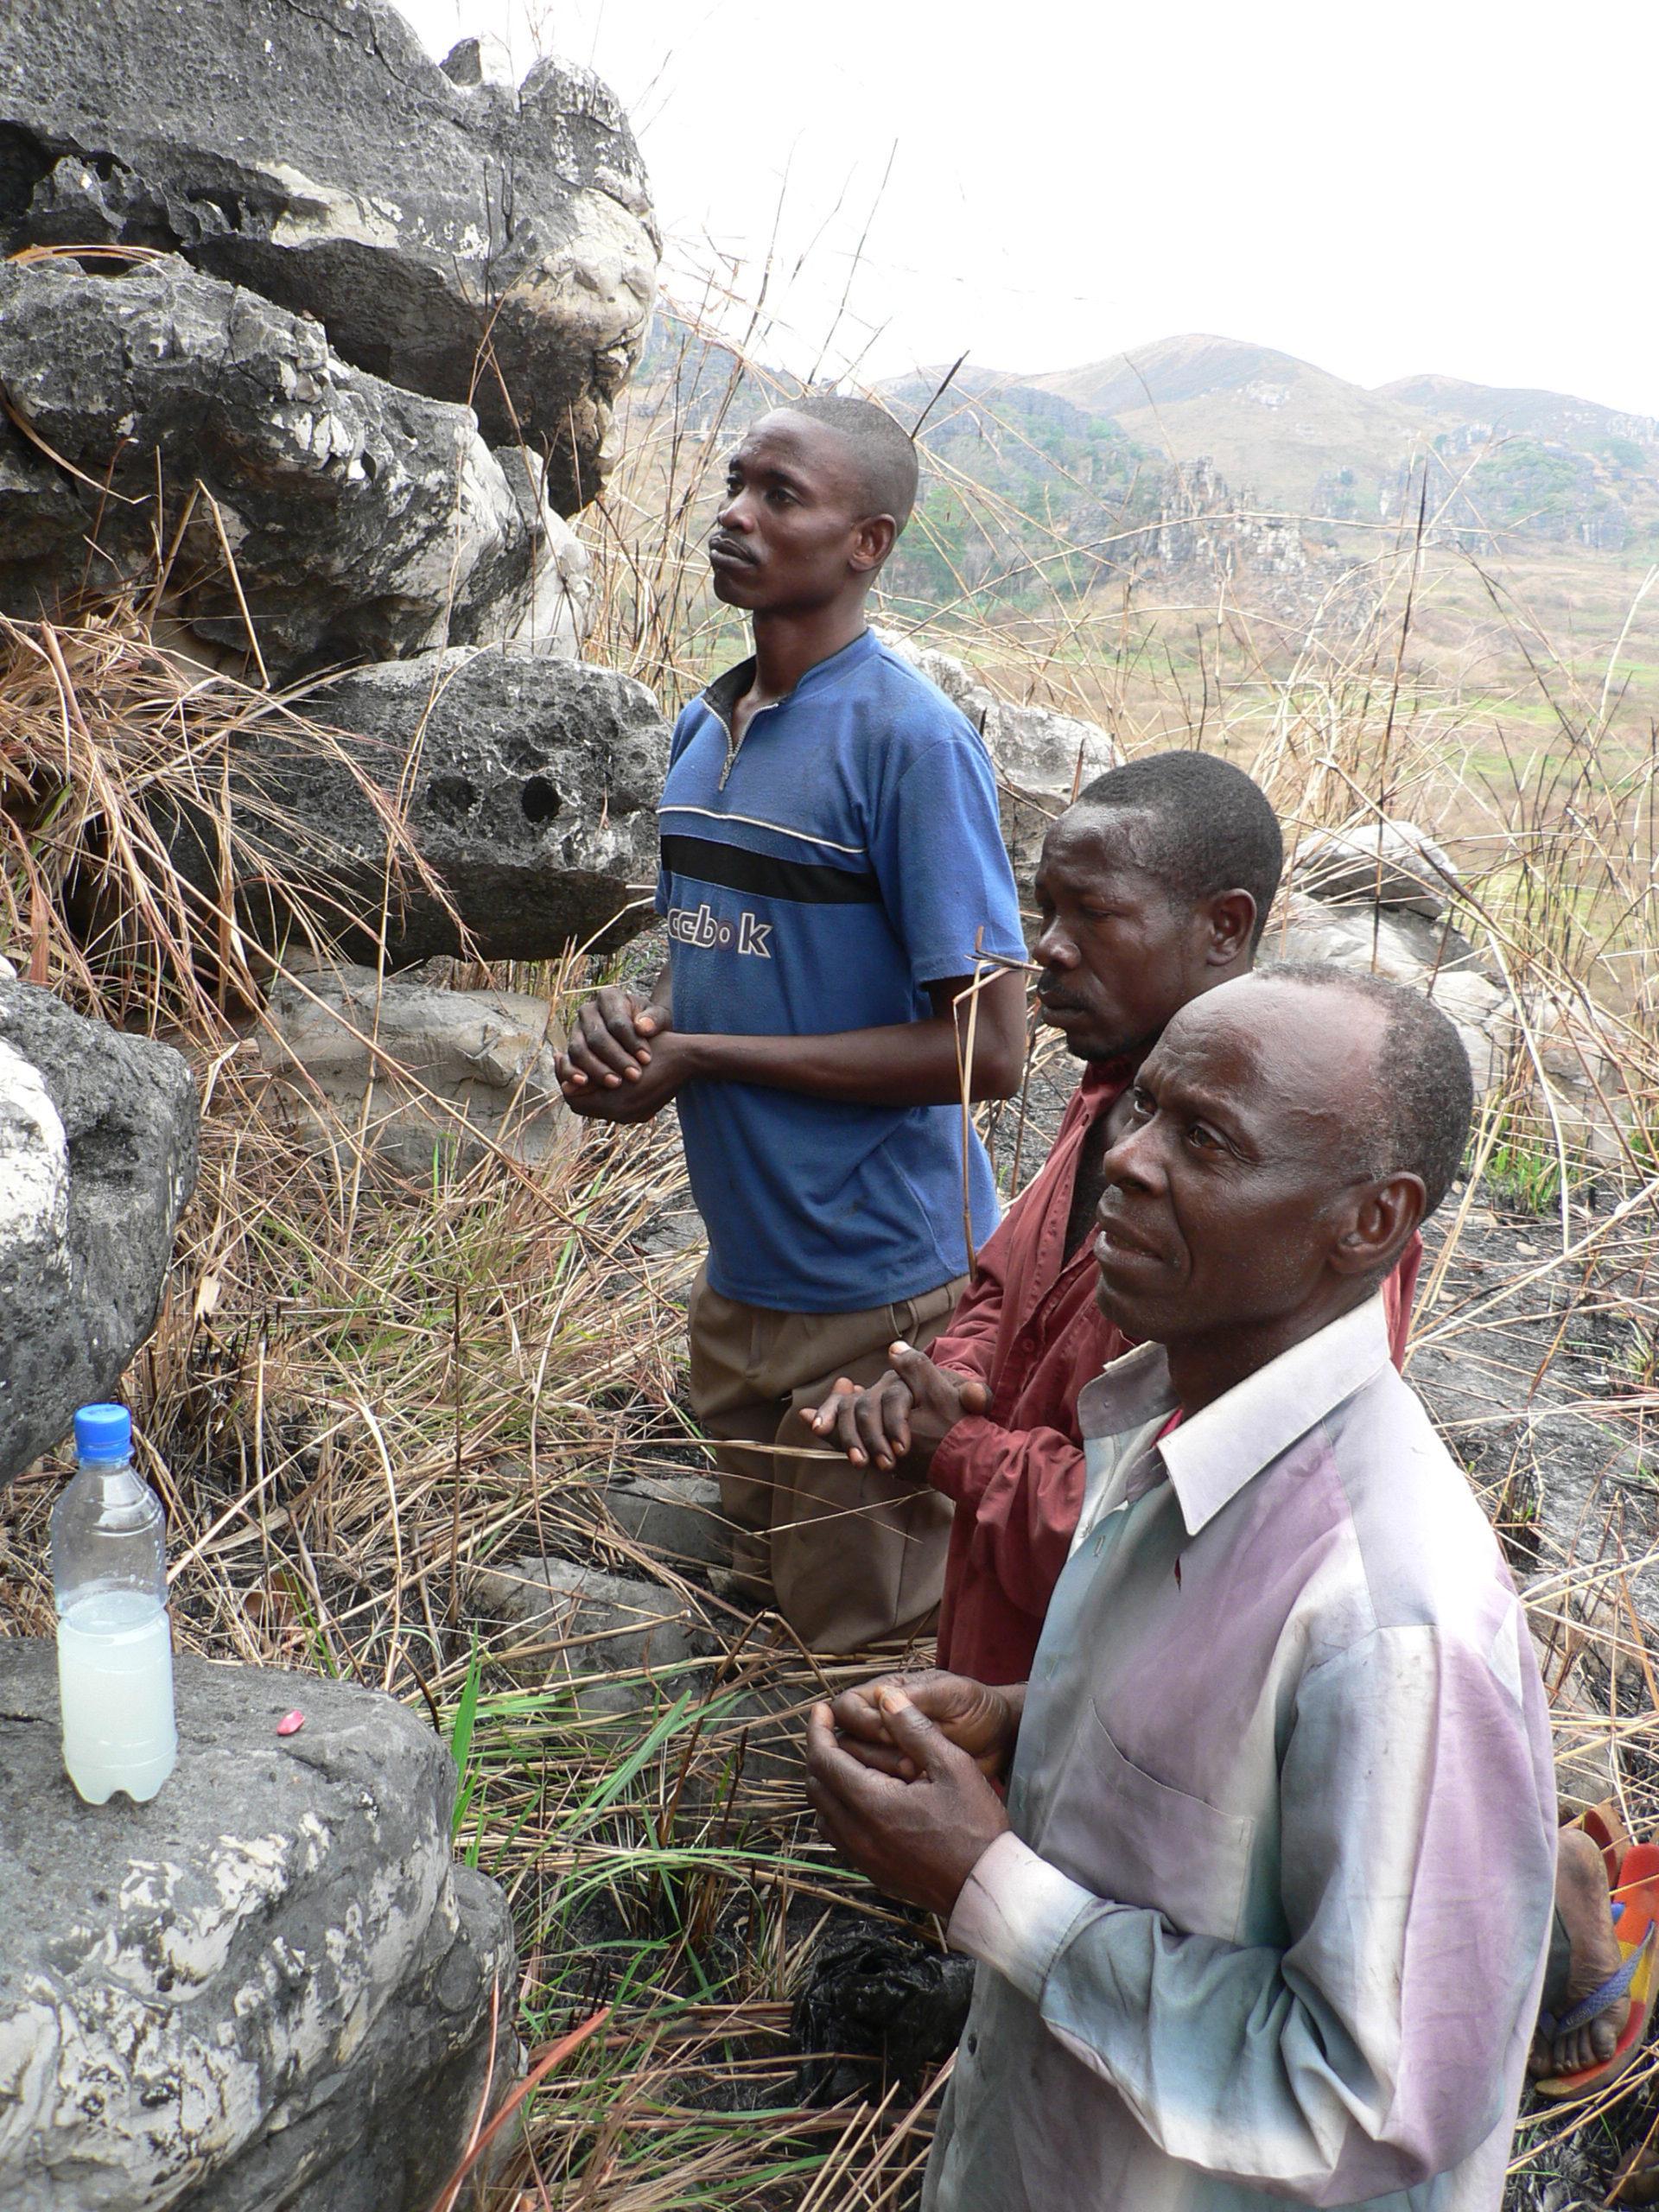 Rituel effectué par Augustin Ndingu, chef traditionnel du village de Lumbi, sur le site de Nkanku.